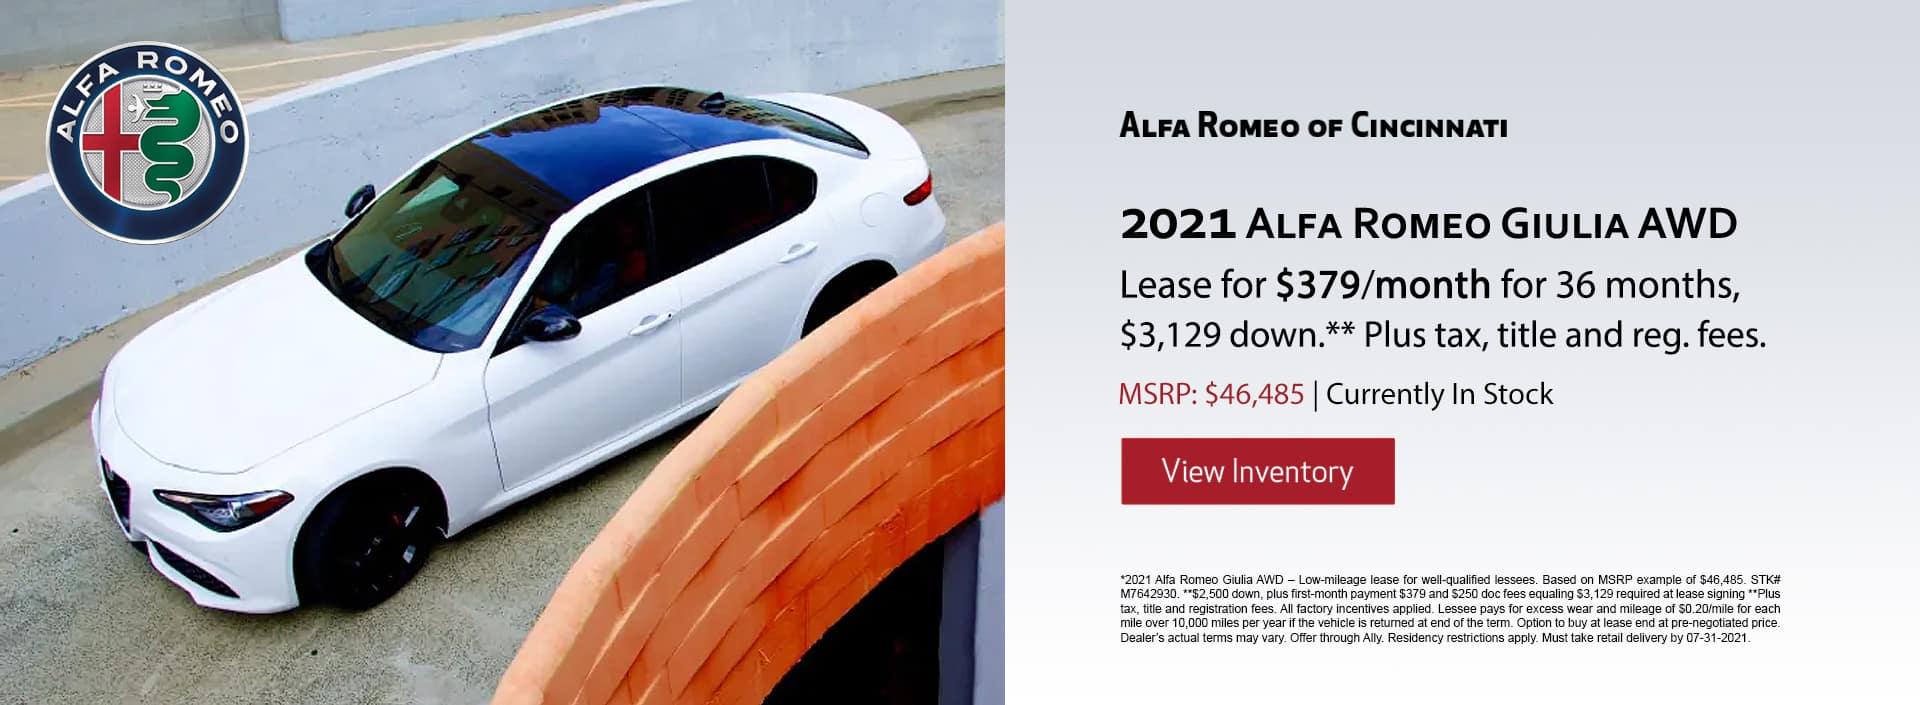 Alfa-Romeo-Lease-Slides-July21_v2_Giulia